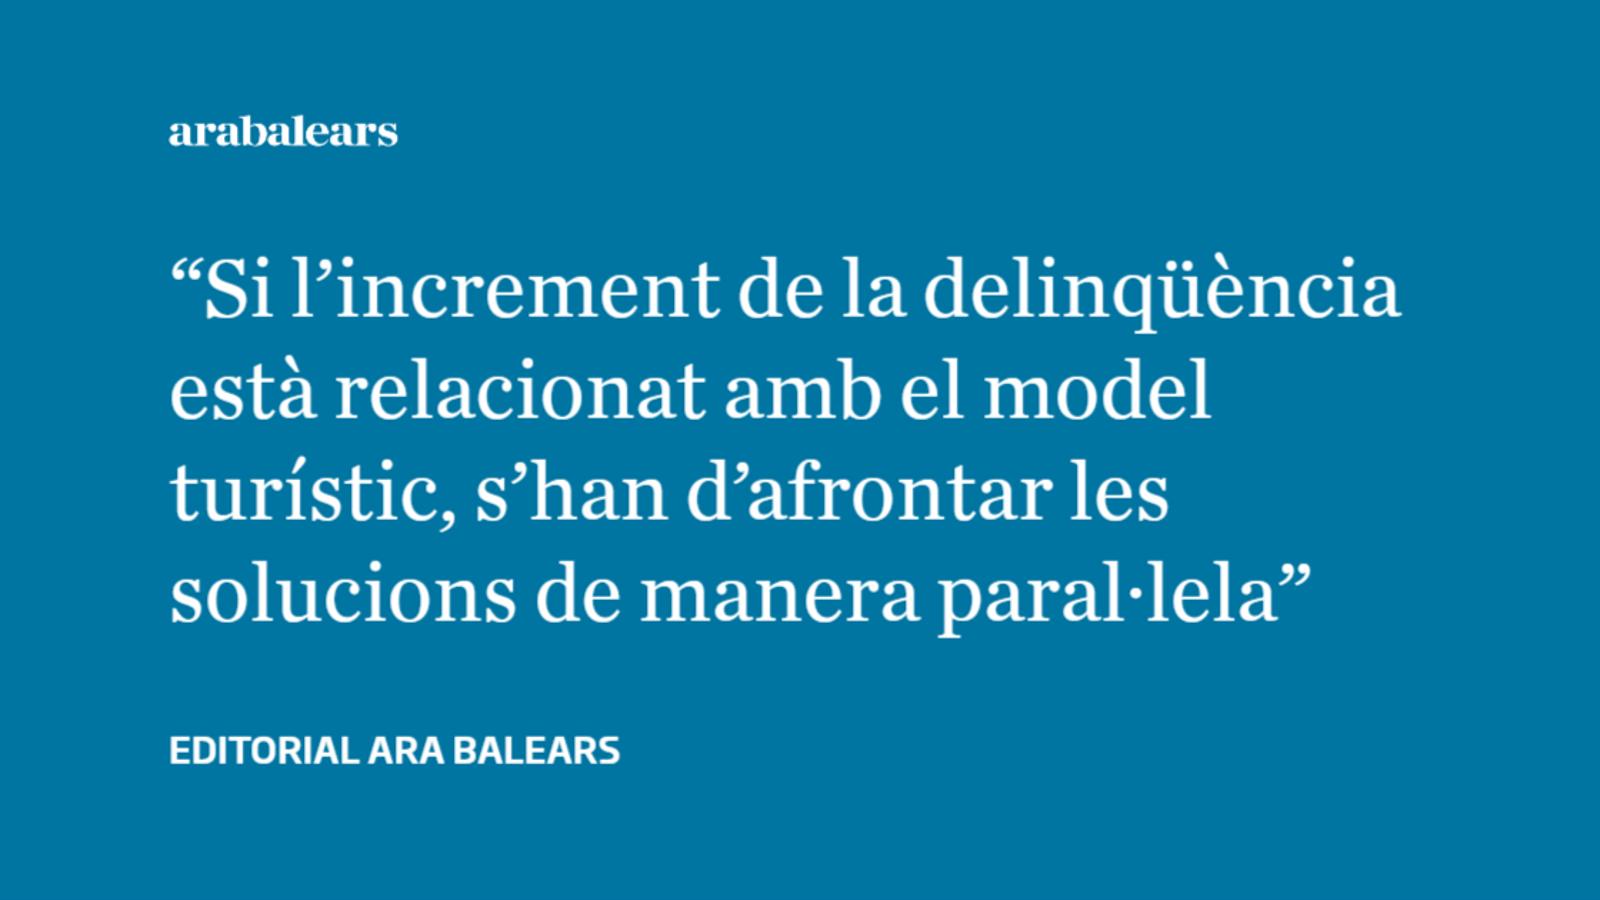 L'augment del turisme i de la criminalitat van de la mà a les Balears